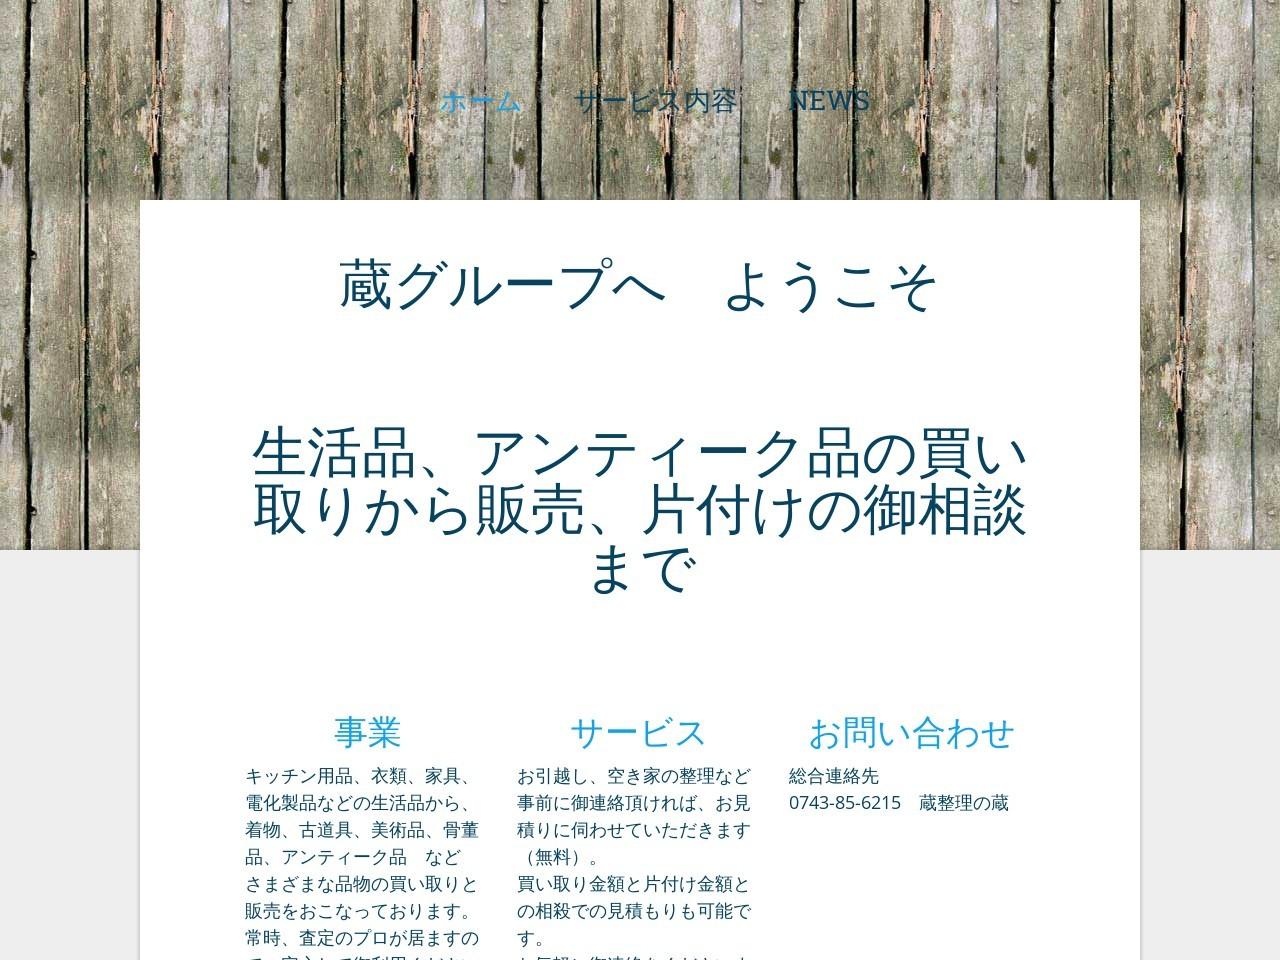 生活品、アンティーク品 買い取り販売の 蔵グループ - kura-group ページ!